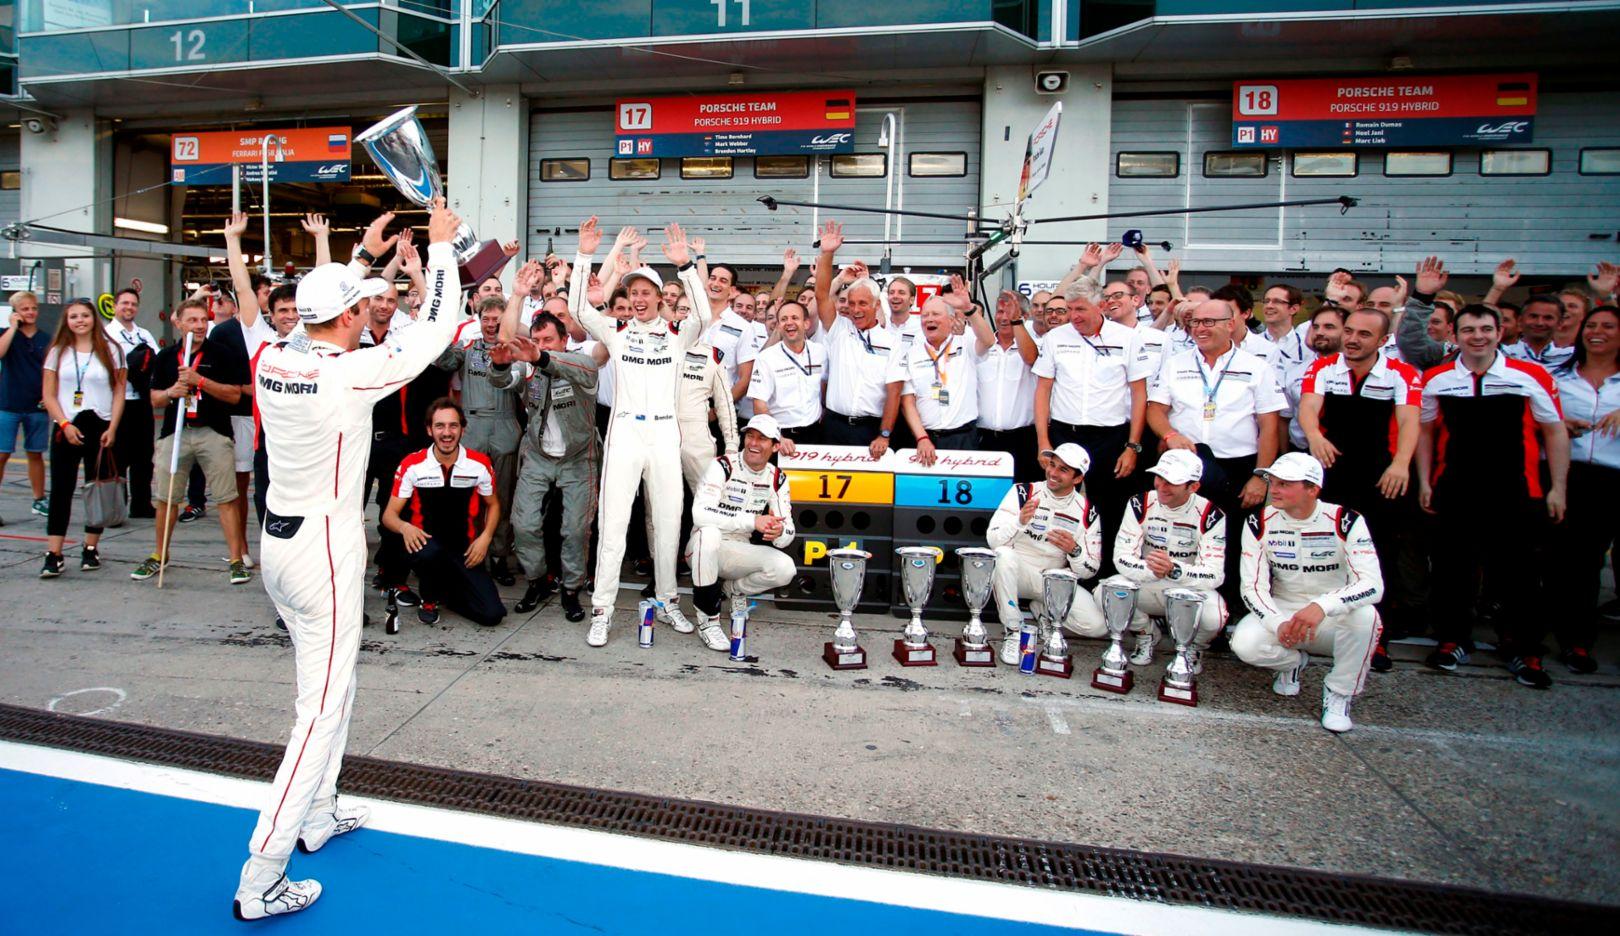 Porsche Team: Timo Bernhard (l), Porsche Team, WEC Nürburgring 2015, Porsche AG